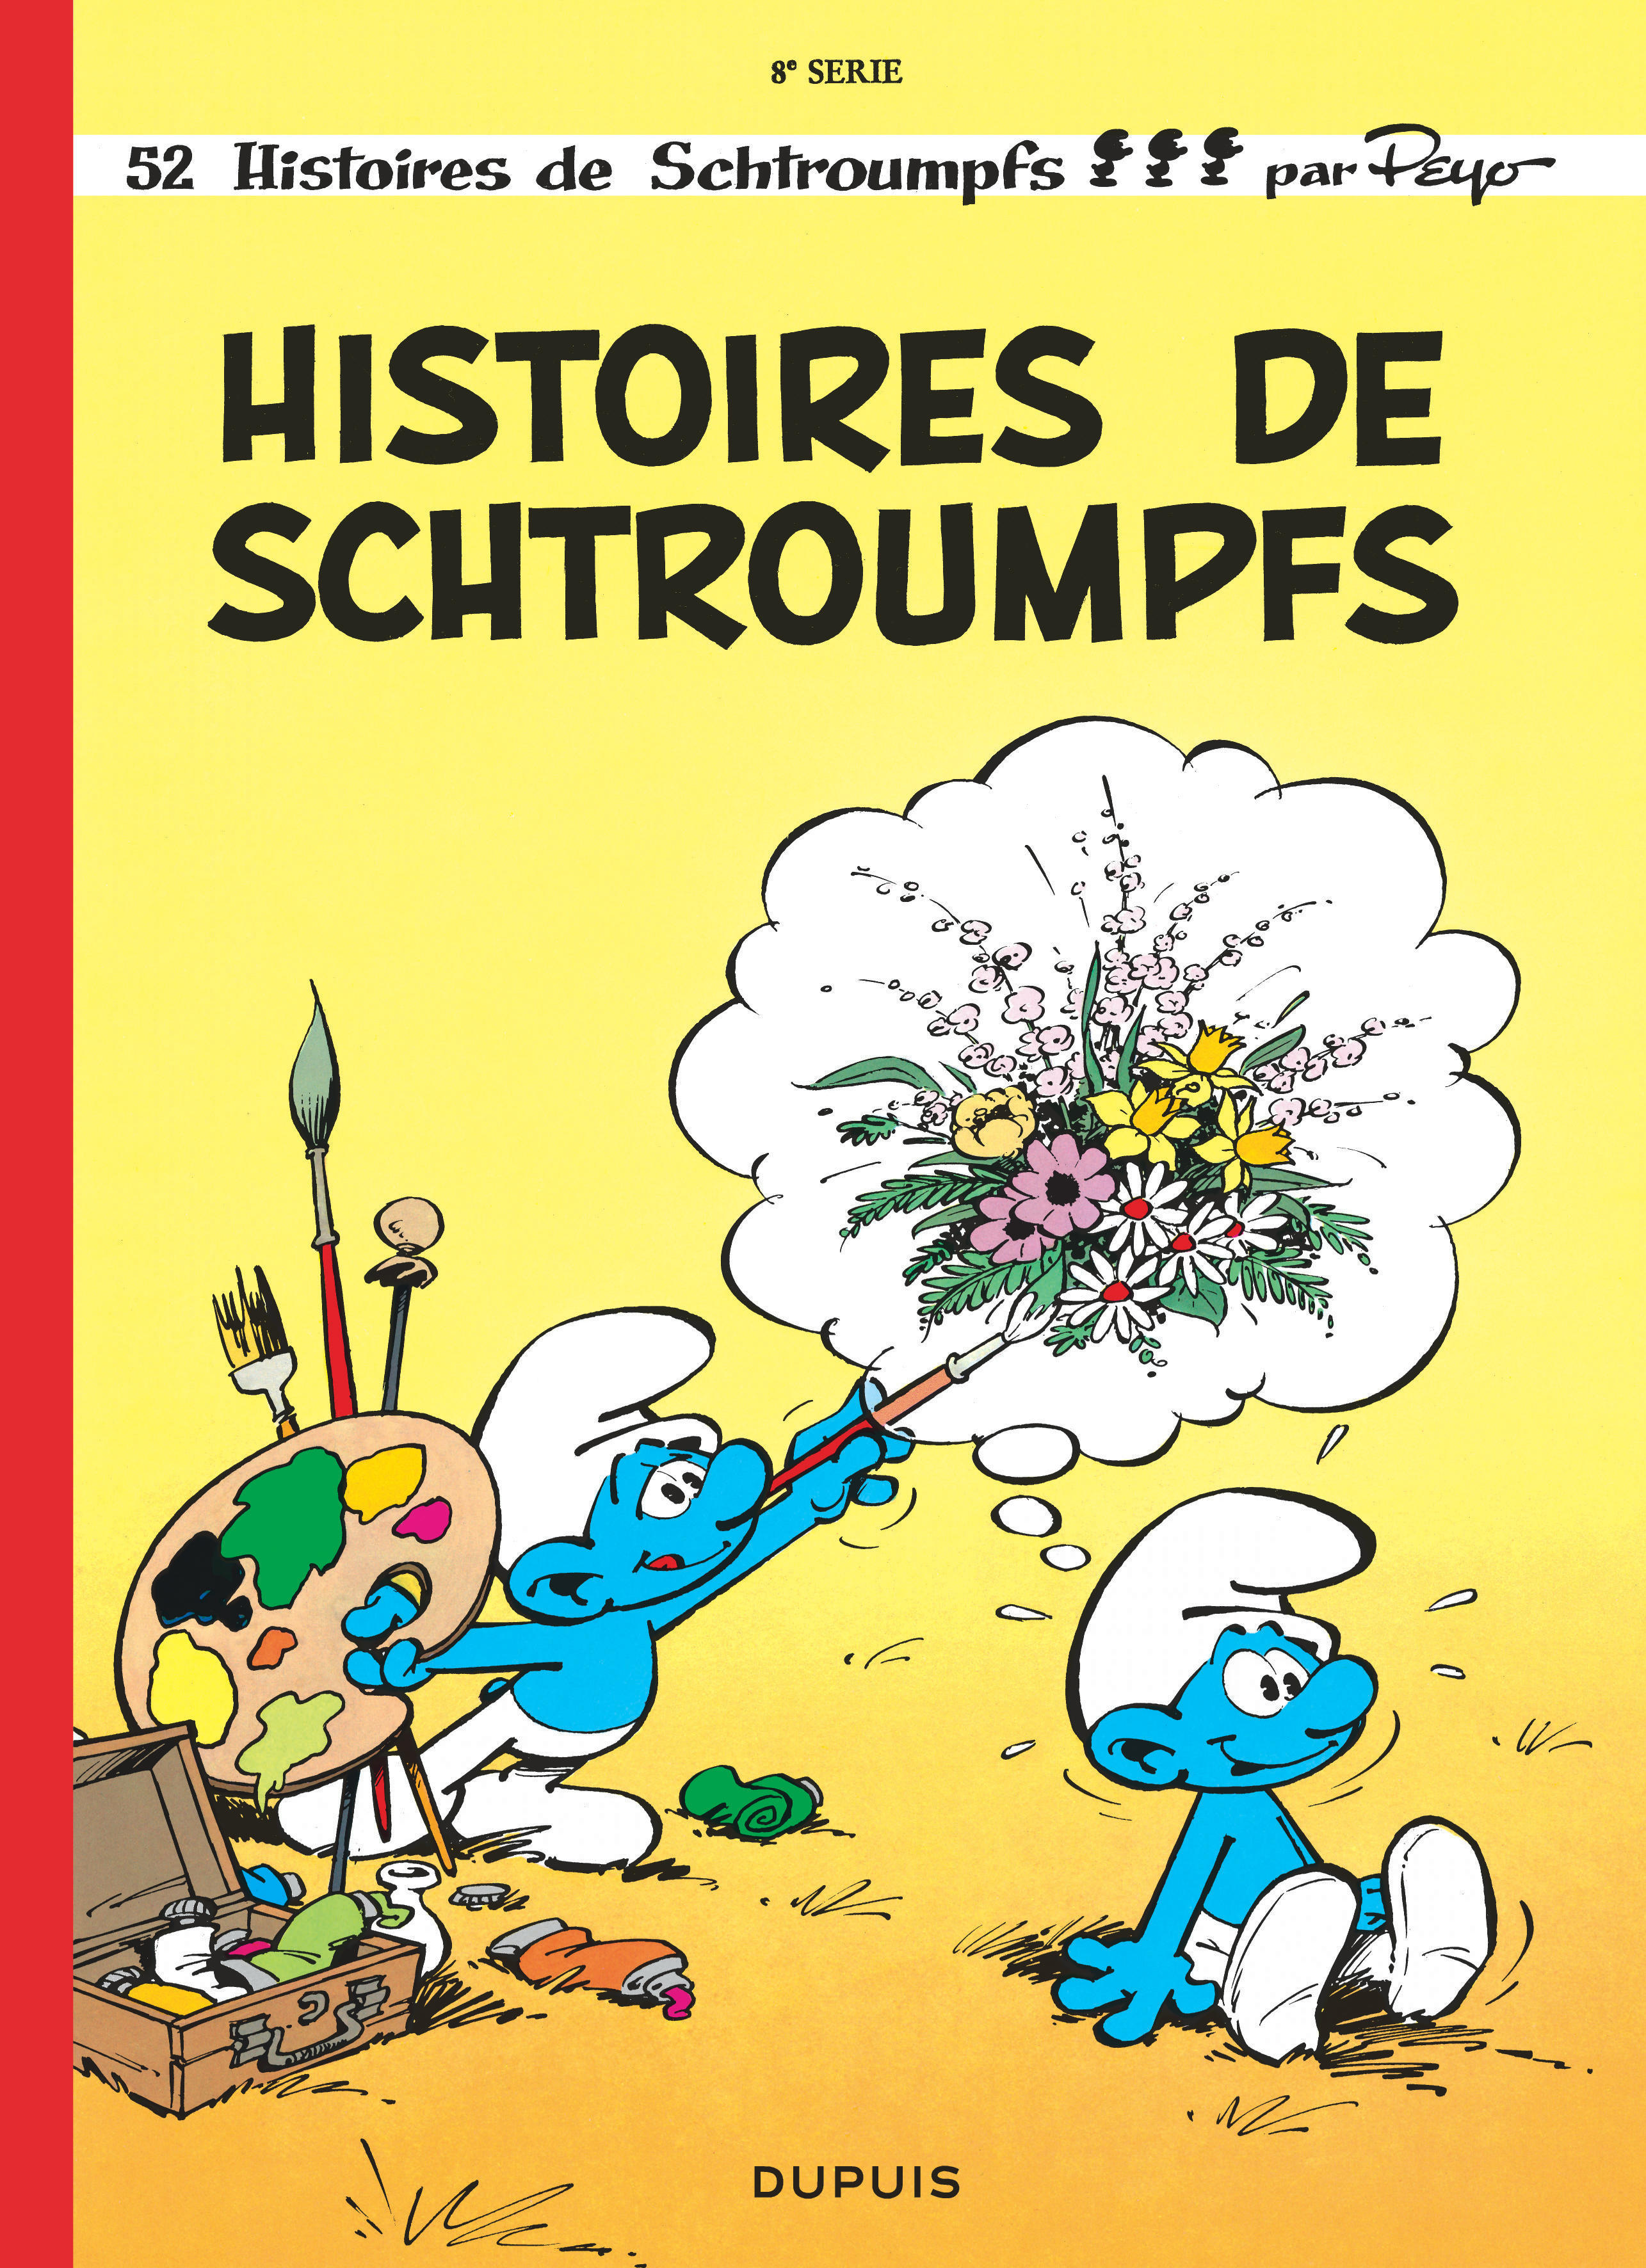 SCHTROUMPFS (DUPUIS) - T8 - HISTOIRES DE SCHTROUMPFS